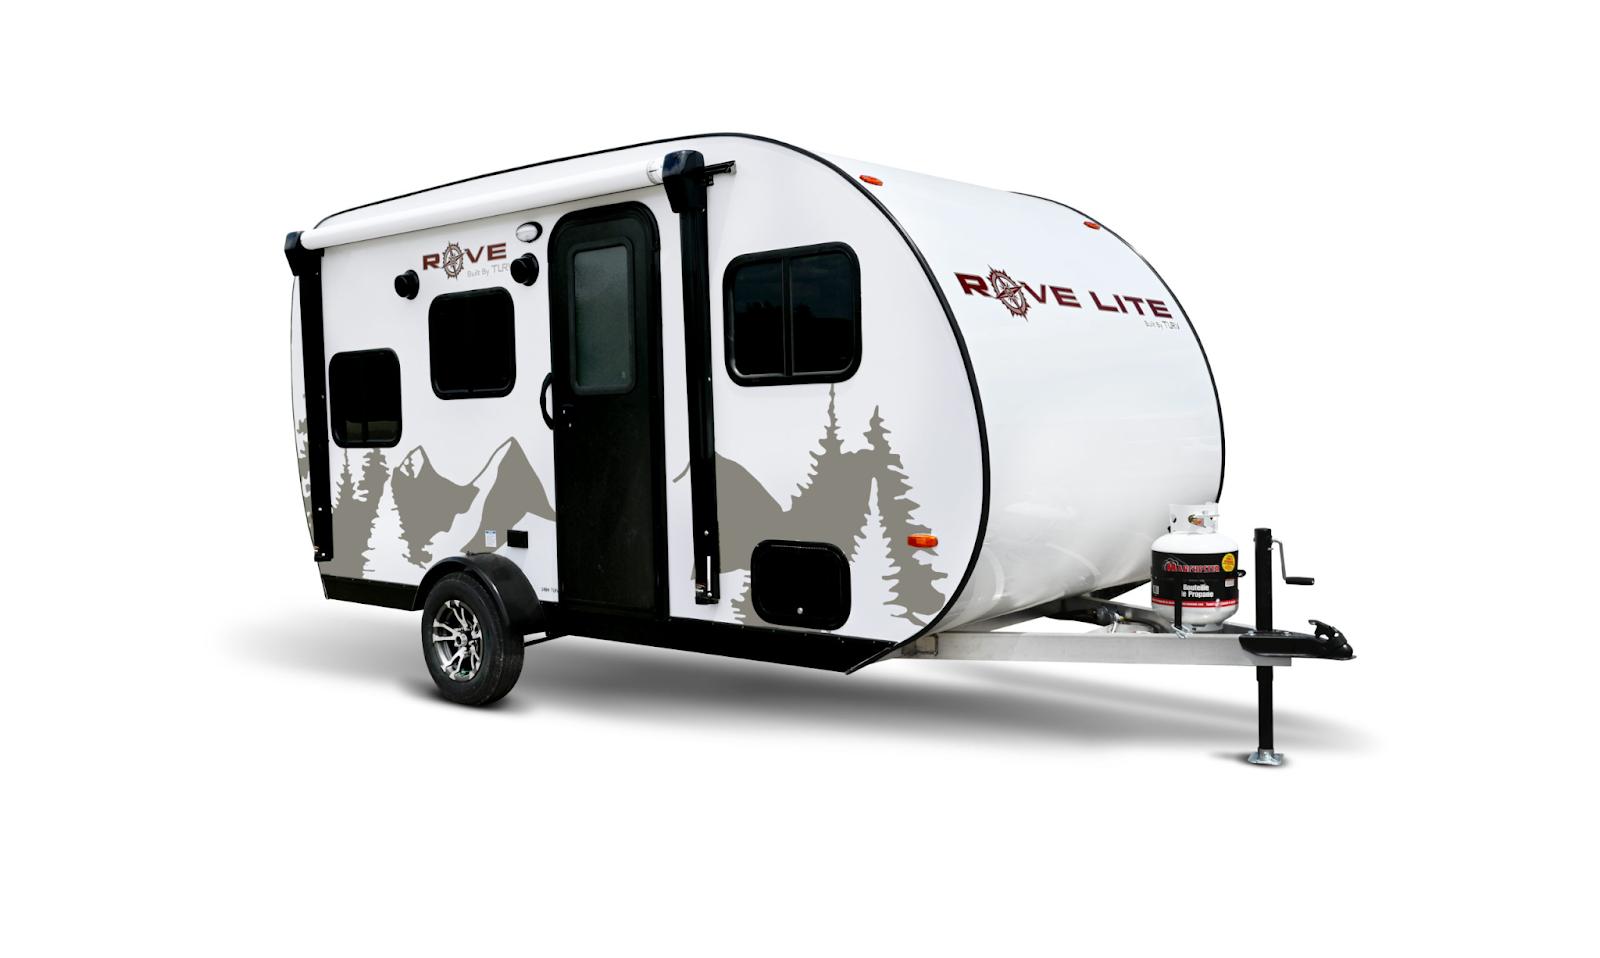 rovelite ultra lightweight trailer